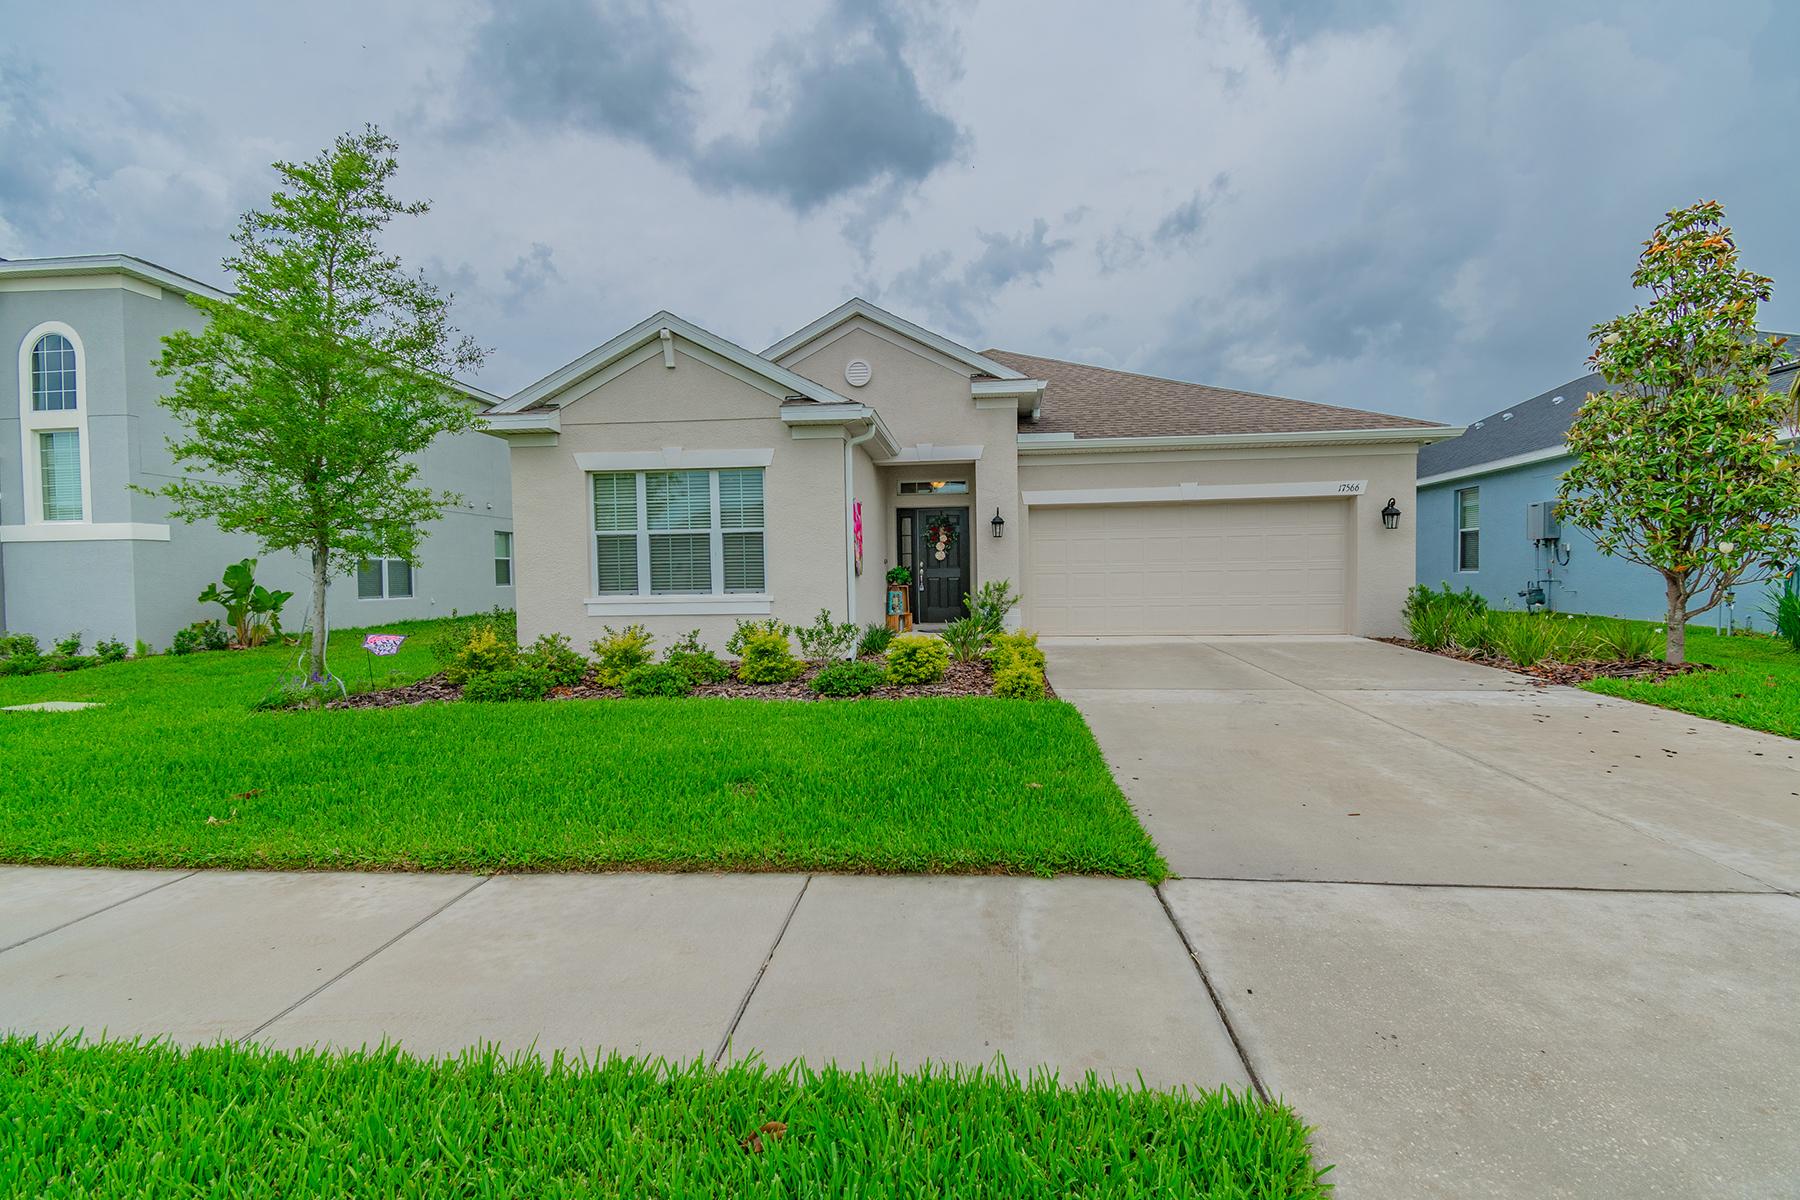 Single Family Homes için Satış at LITHIA 17566 Buckingham Garden Dr, Lithia, Florida 33547 Amerika Birleşik Devletleri